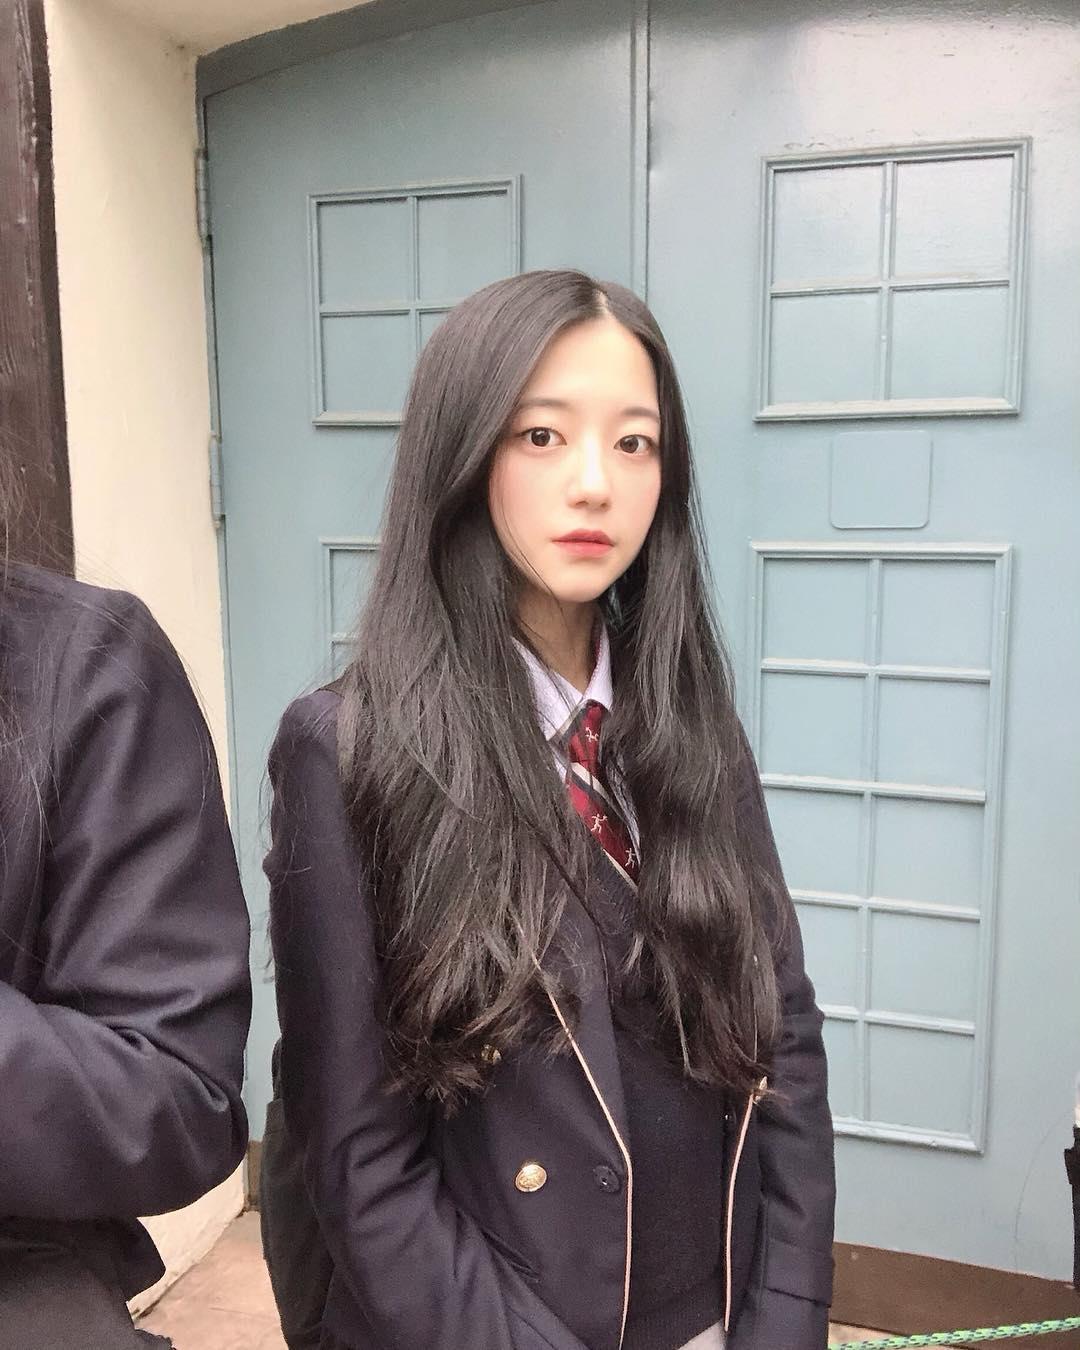 韓国女子高生 韓国人の女子高生の写真ですが、ネトウヨの加工ですか? - 加工 ...